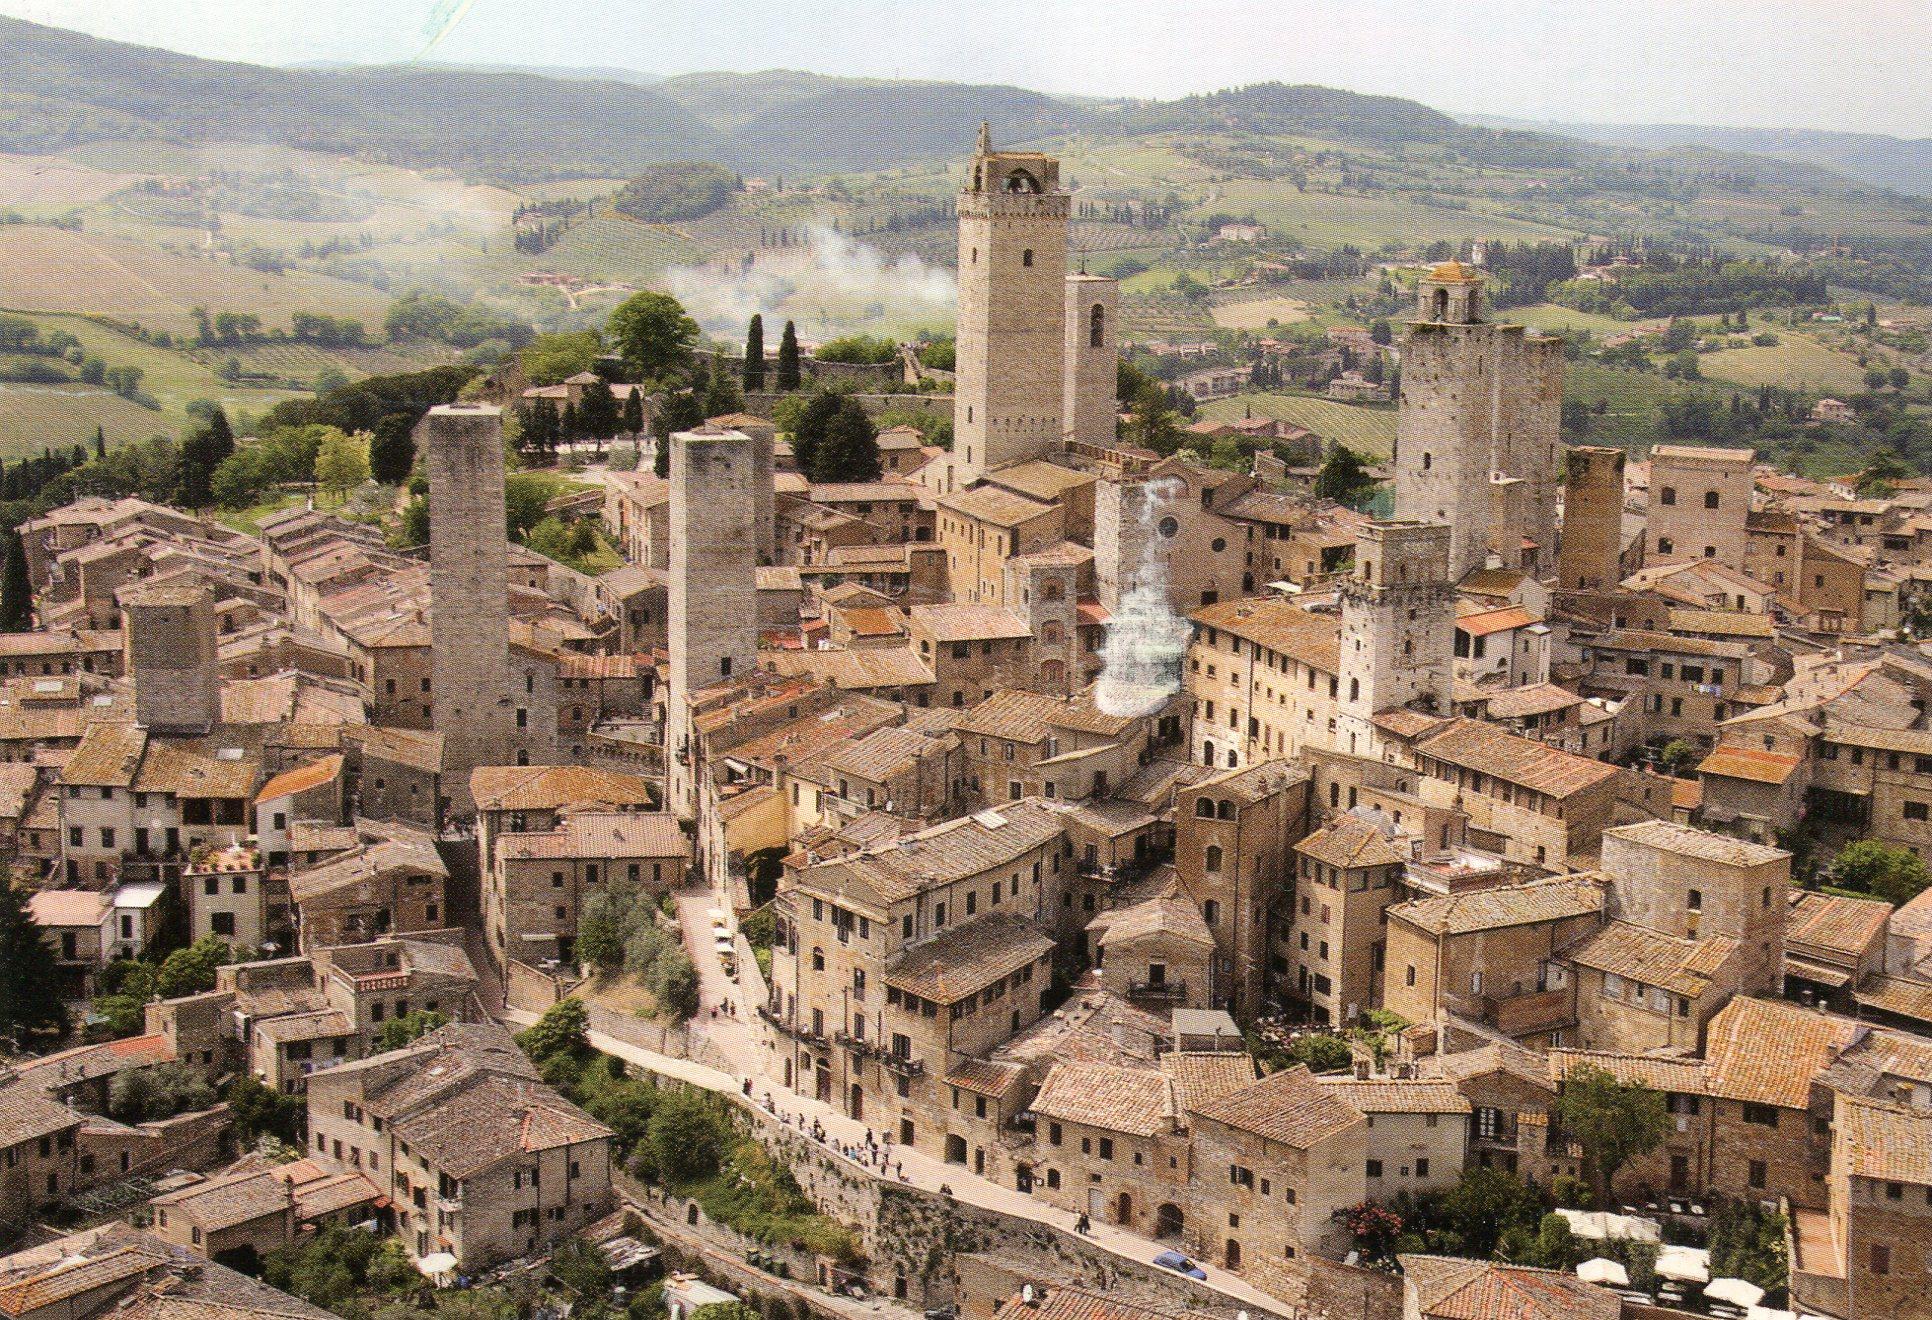 Włochy, co zobaczyć we Włoszech, San Gimignano, Toskania, najpiękniejsze miasteczka we Włoszech